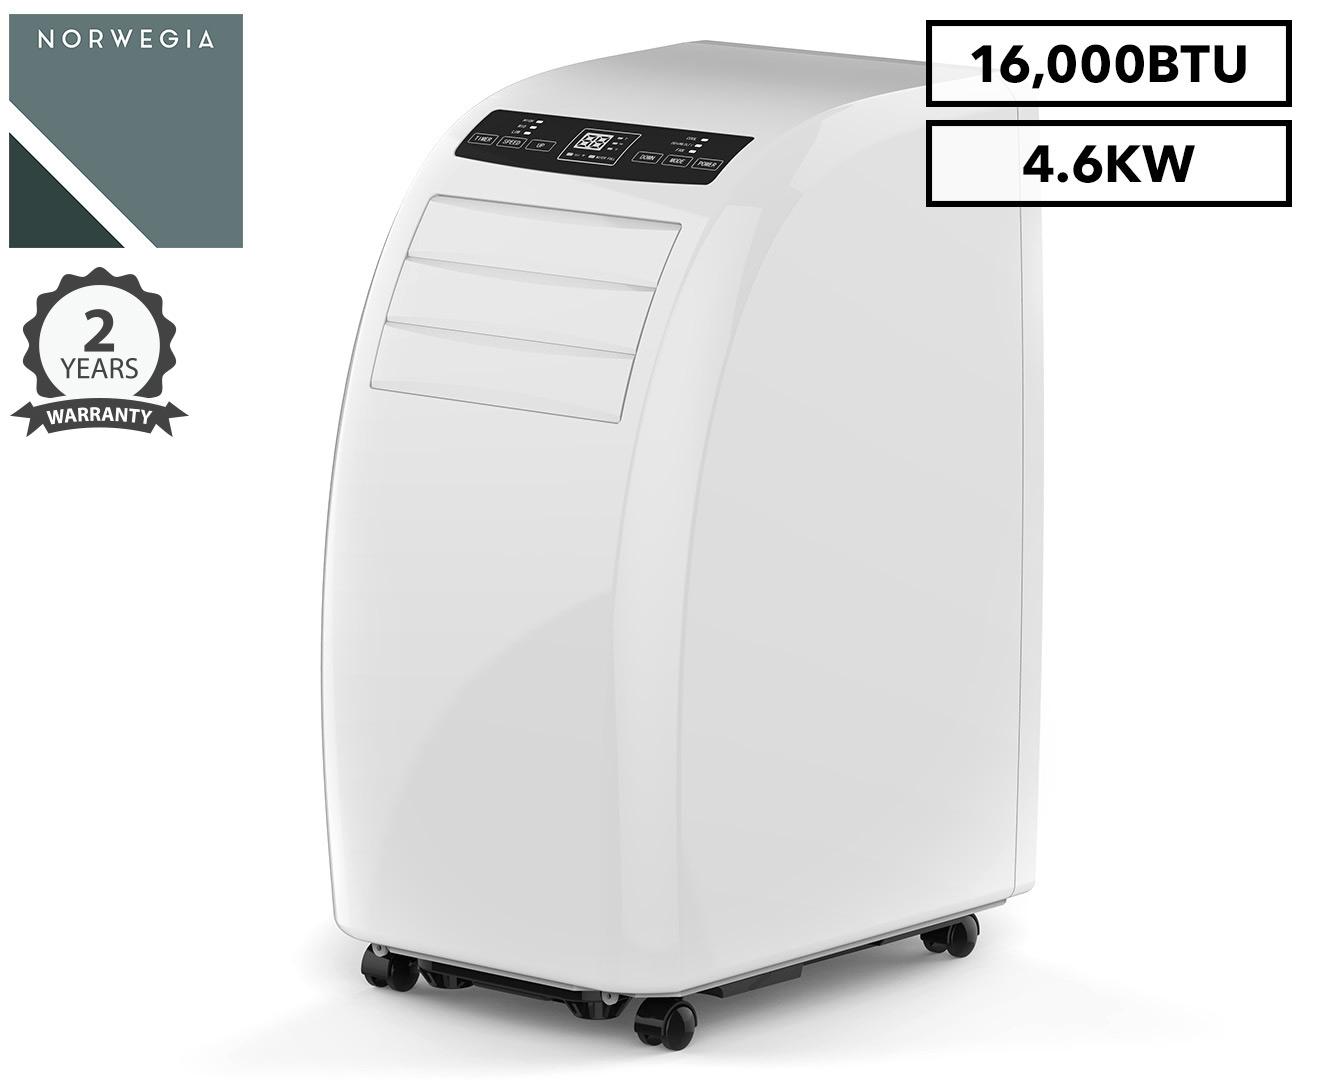 Charmant Norwegia 4.6kW Portable Air Conditioner (16,000BTU) | Catch.com.au